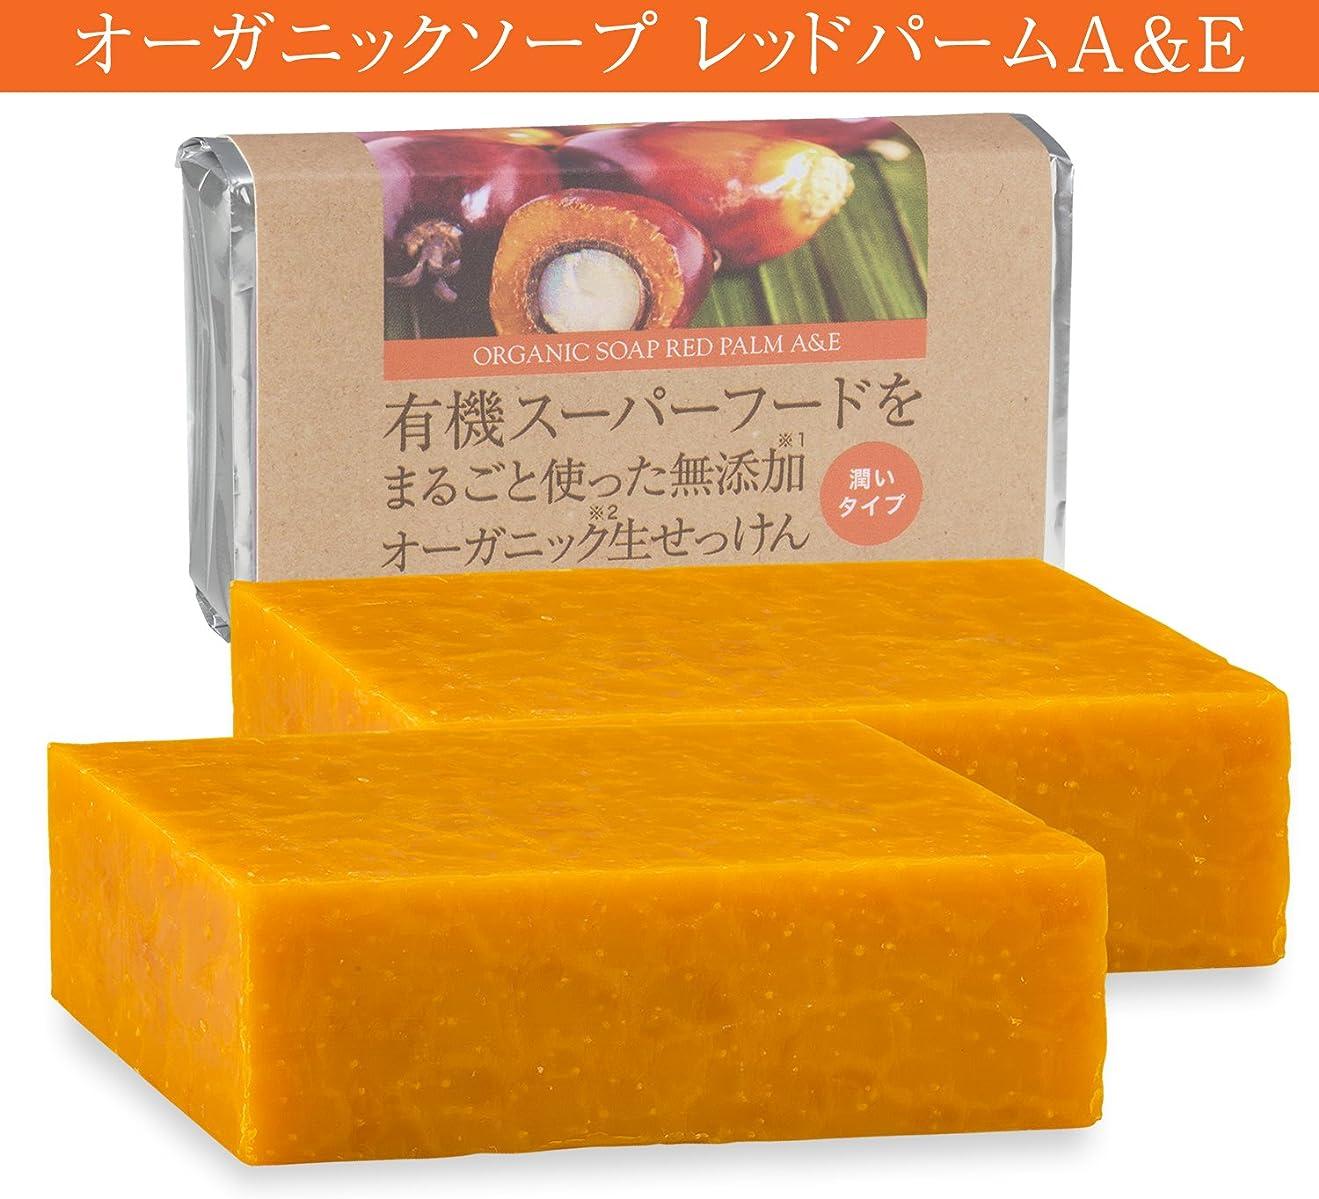 漏れ屋内サポート有機レッドパームオイルをたっぷり使った無添加オーガニック生せっけん(枠練)Organic Raw Soap Red Palm A&E 80g 2個コールドプロセス製法 (日本製)